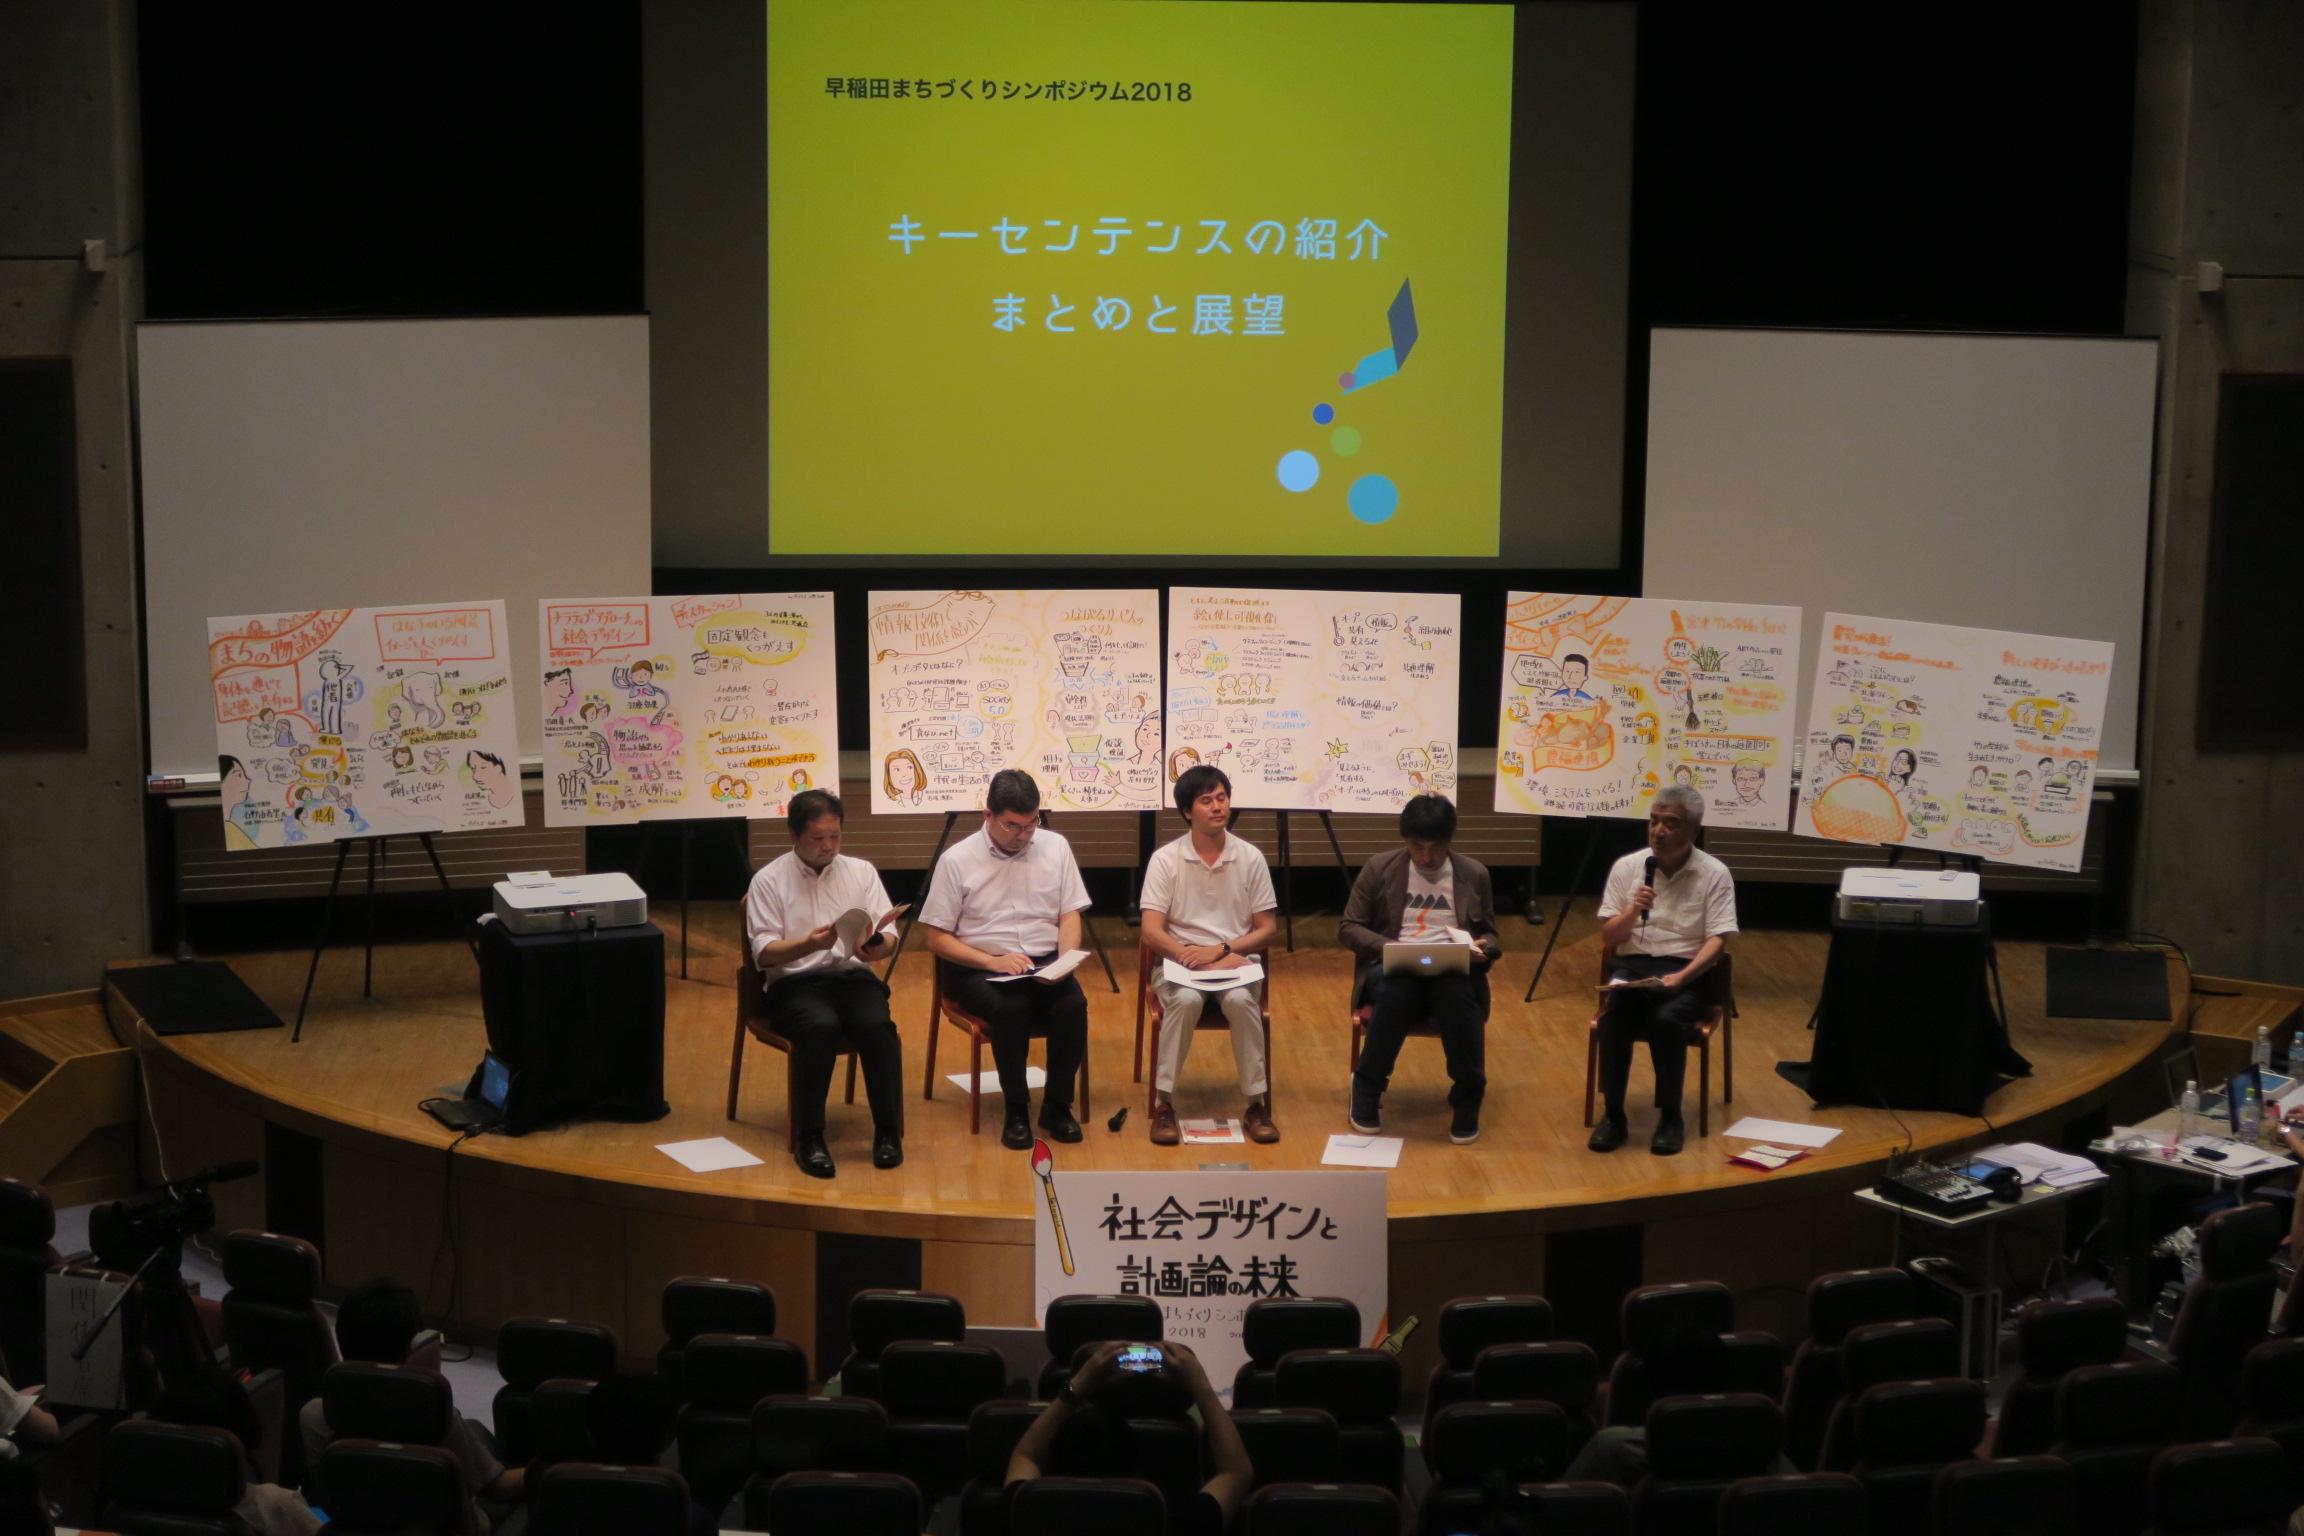 社会デザインの多様な関わりを可視化